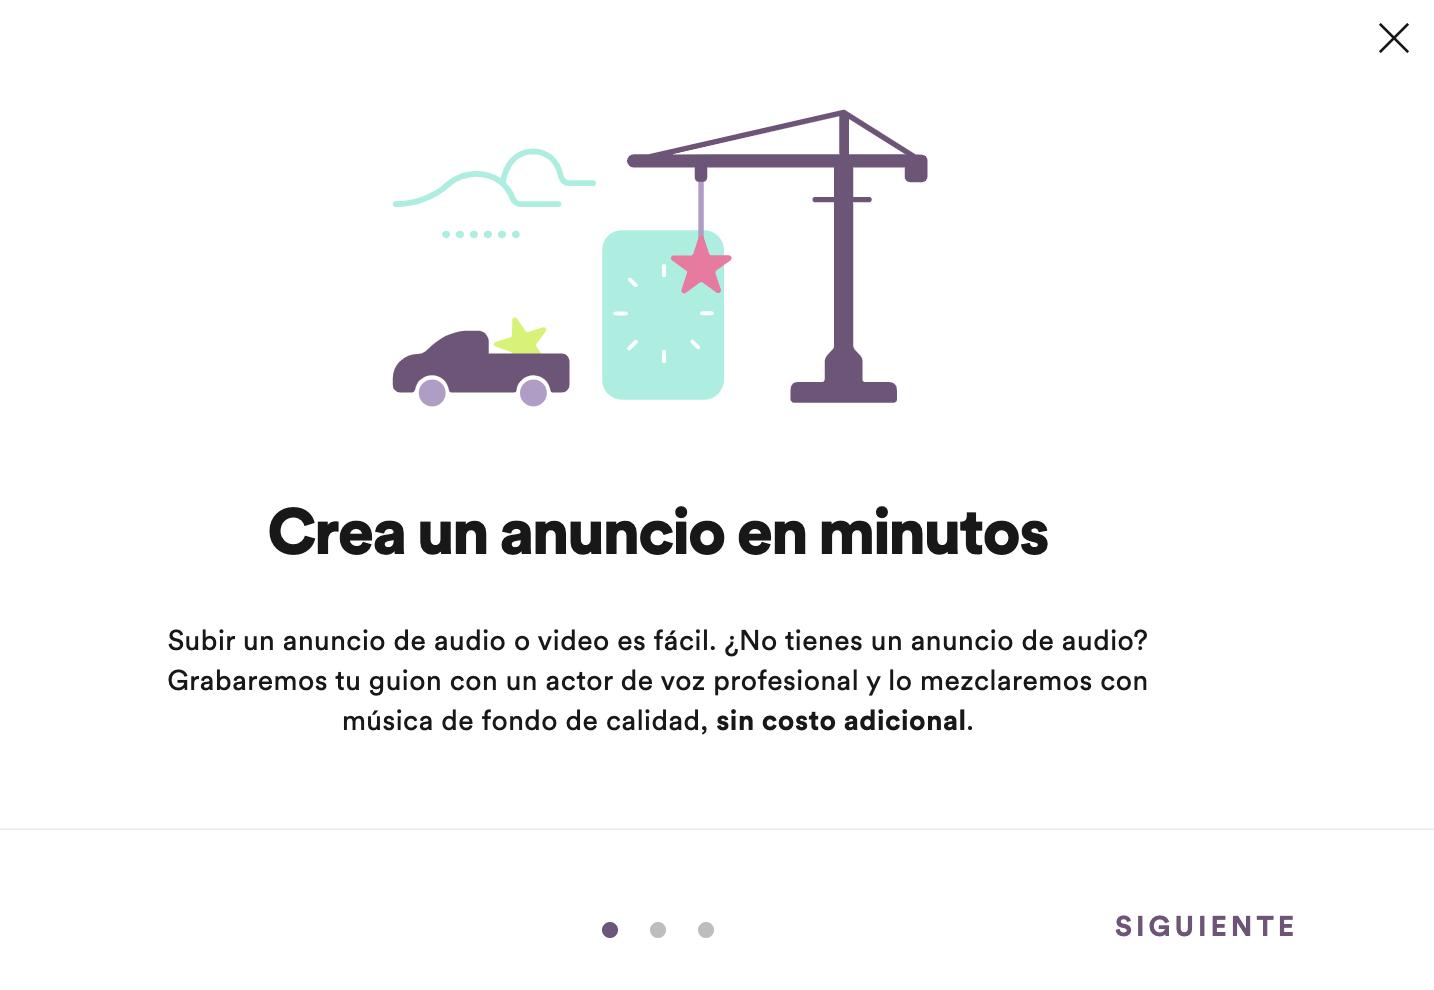 Crea anuncios en Spotify en minutos